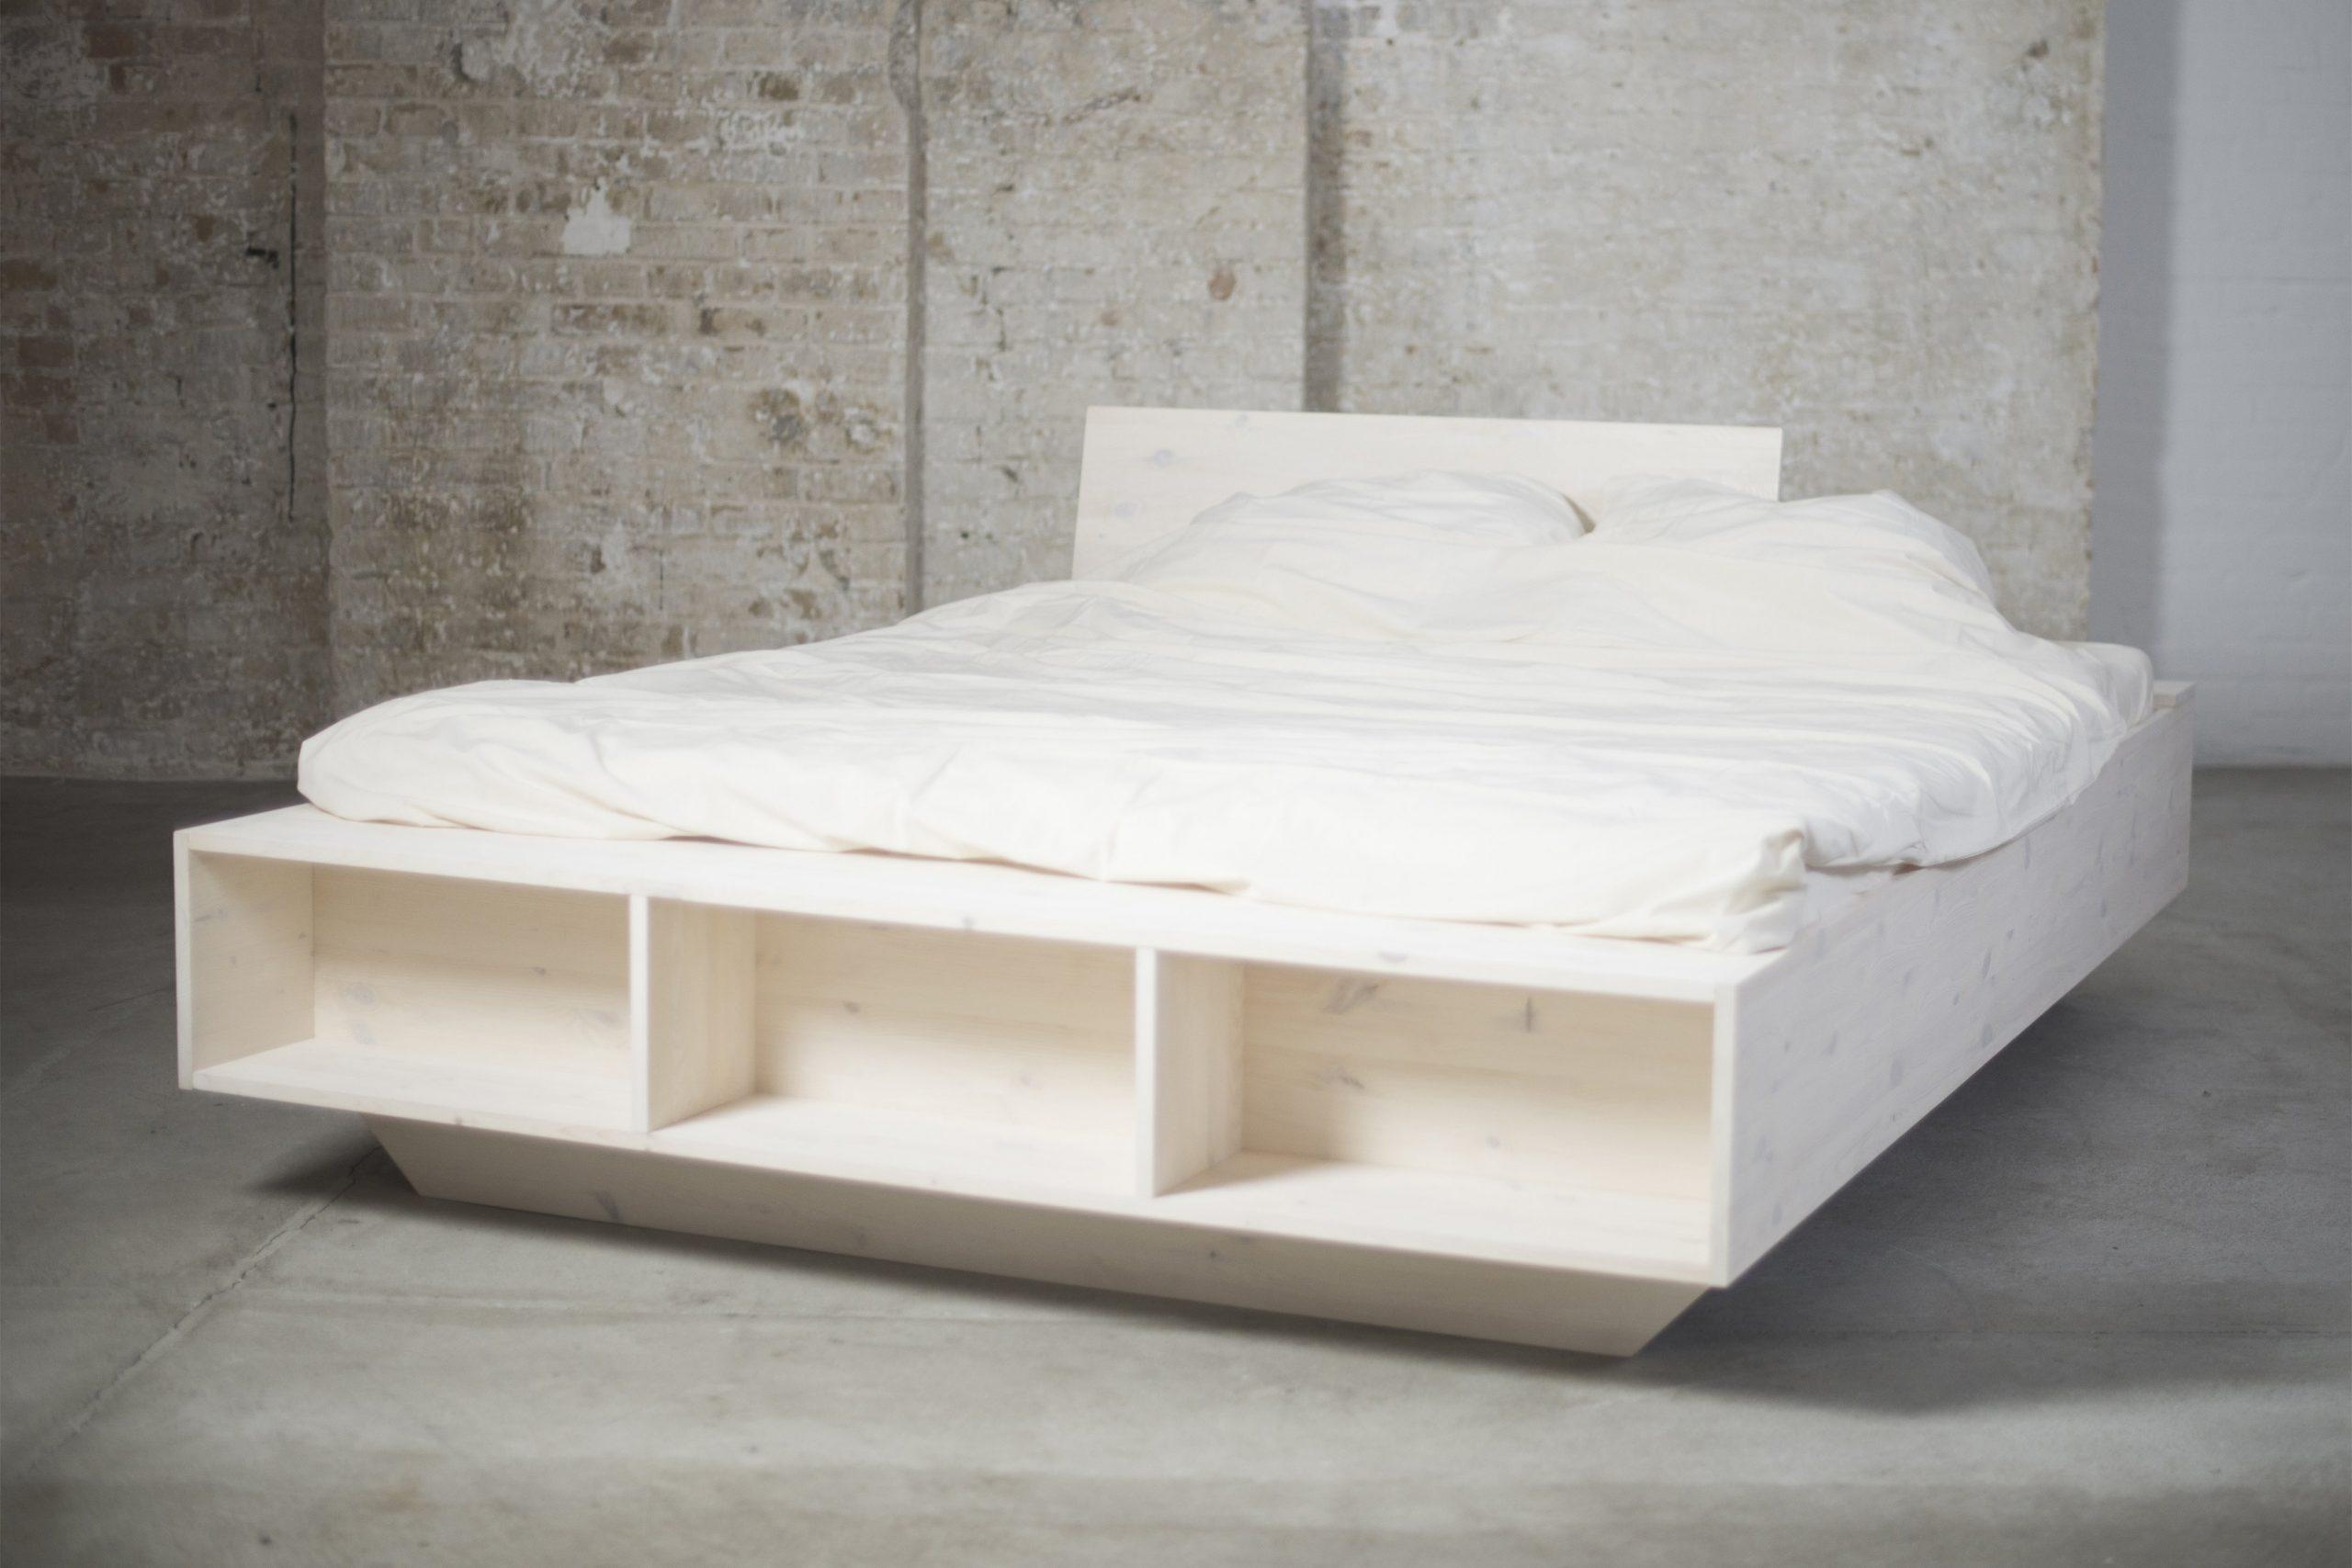 Full Size of Bett 160x200 Mit Lattenrost Betten Berlin Skandinavisch Günstige 180x200 Modernes Bettkasten München Modern Design Erhöhtes Paidi Bett 1.40 Bett